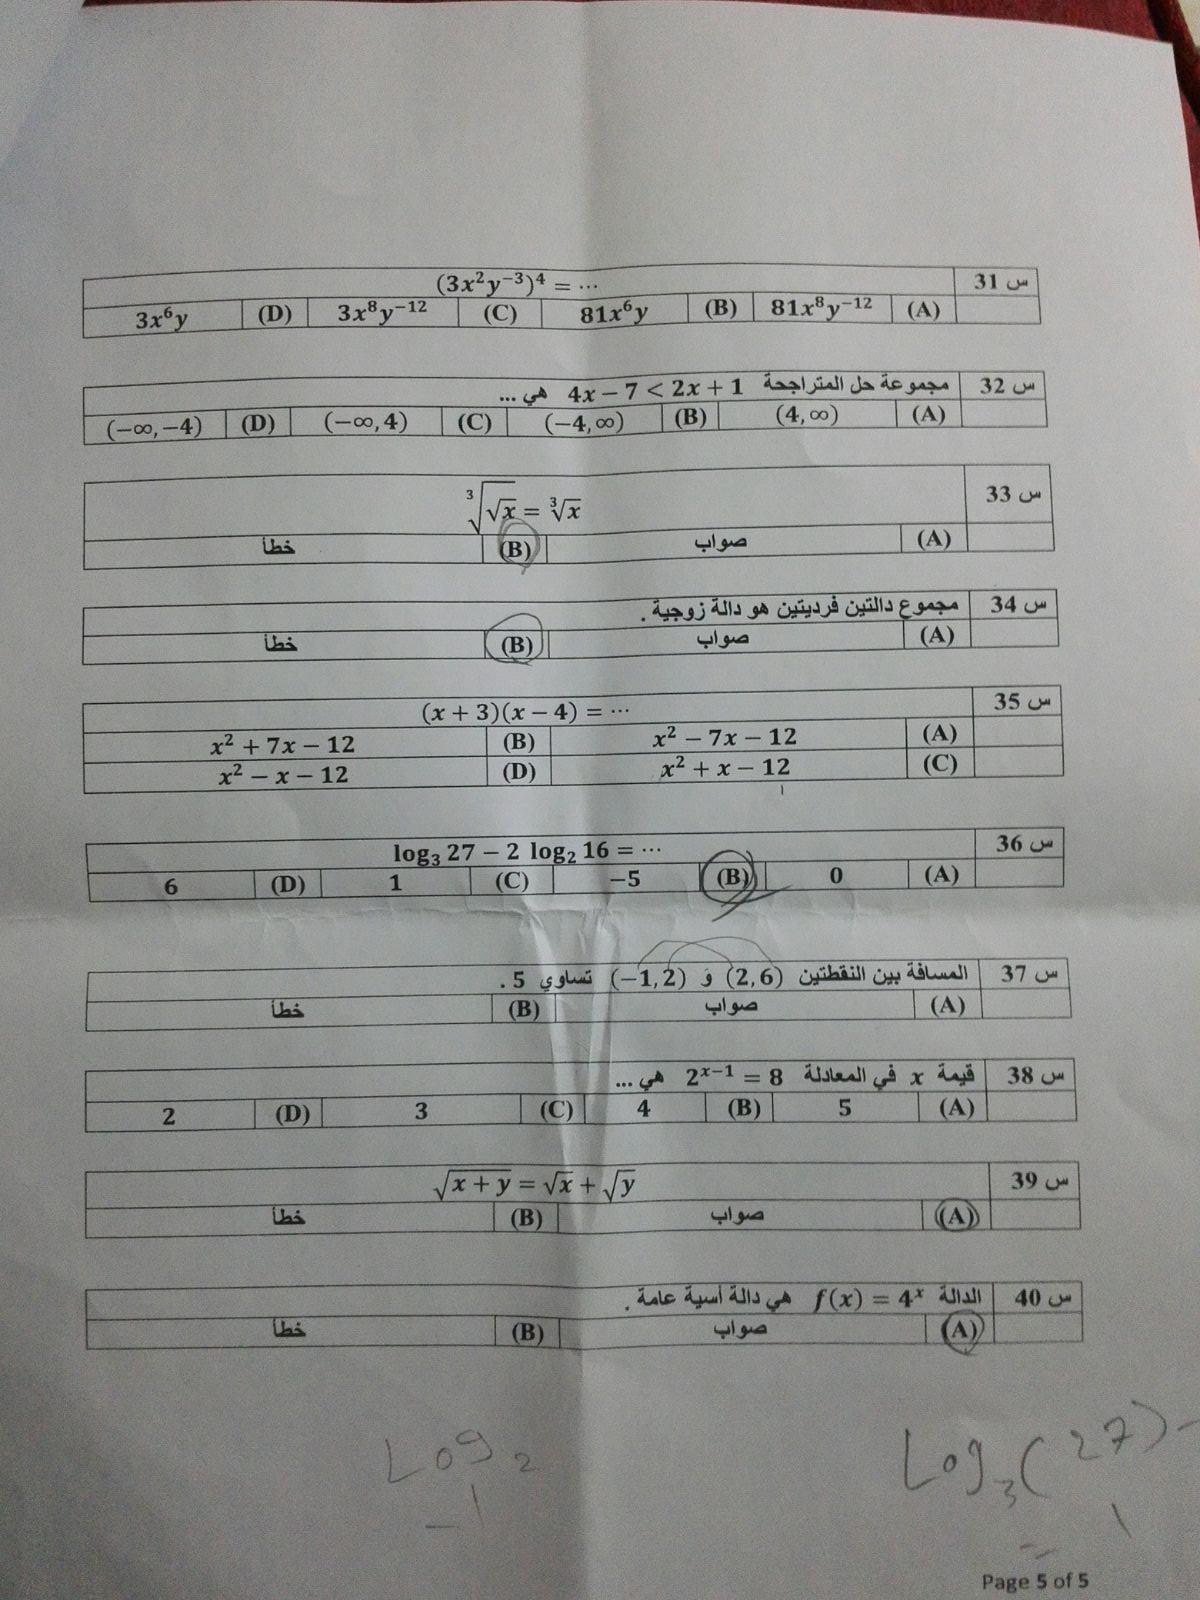 اسئلة اختبار الرياضيات math الفصل